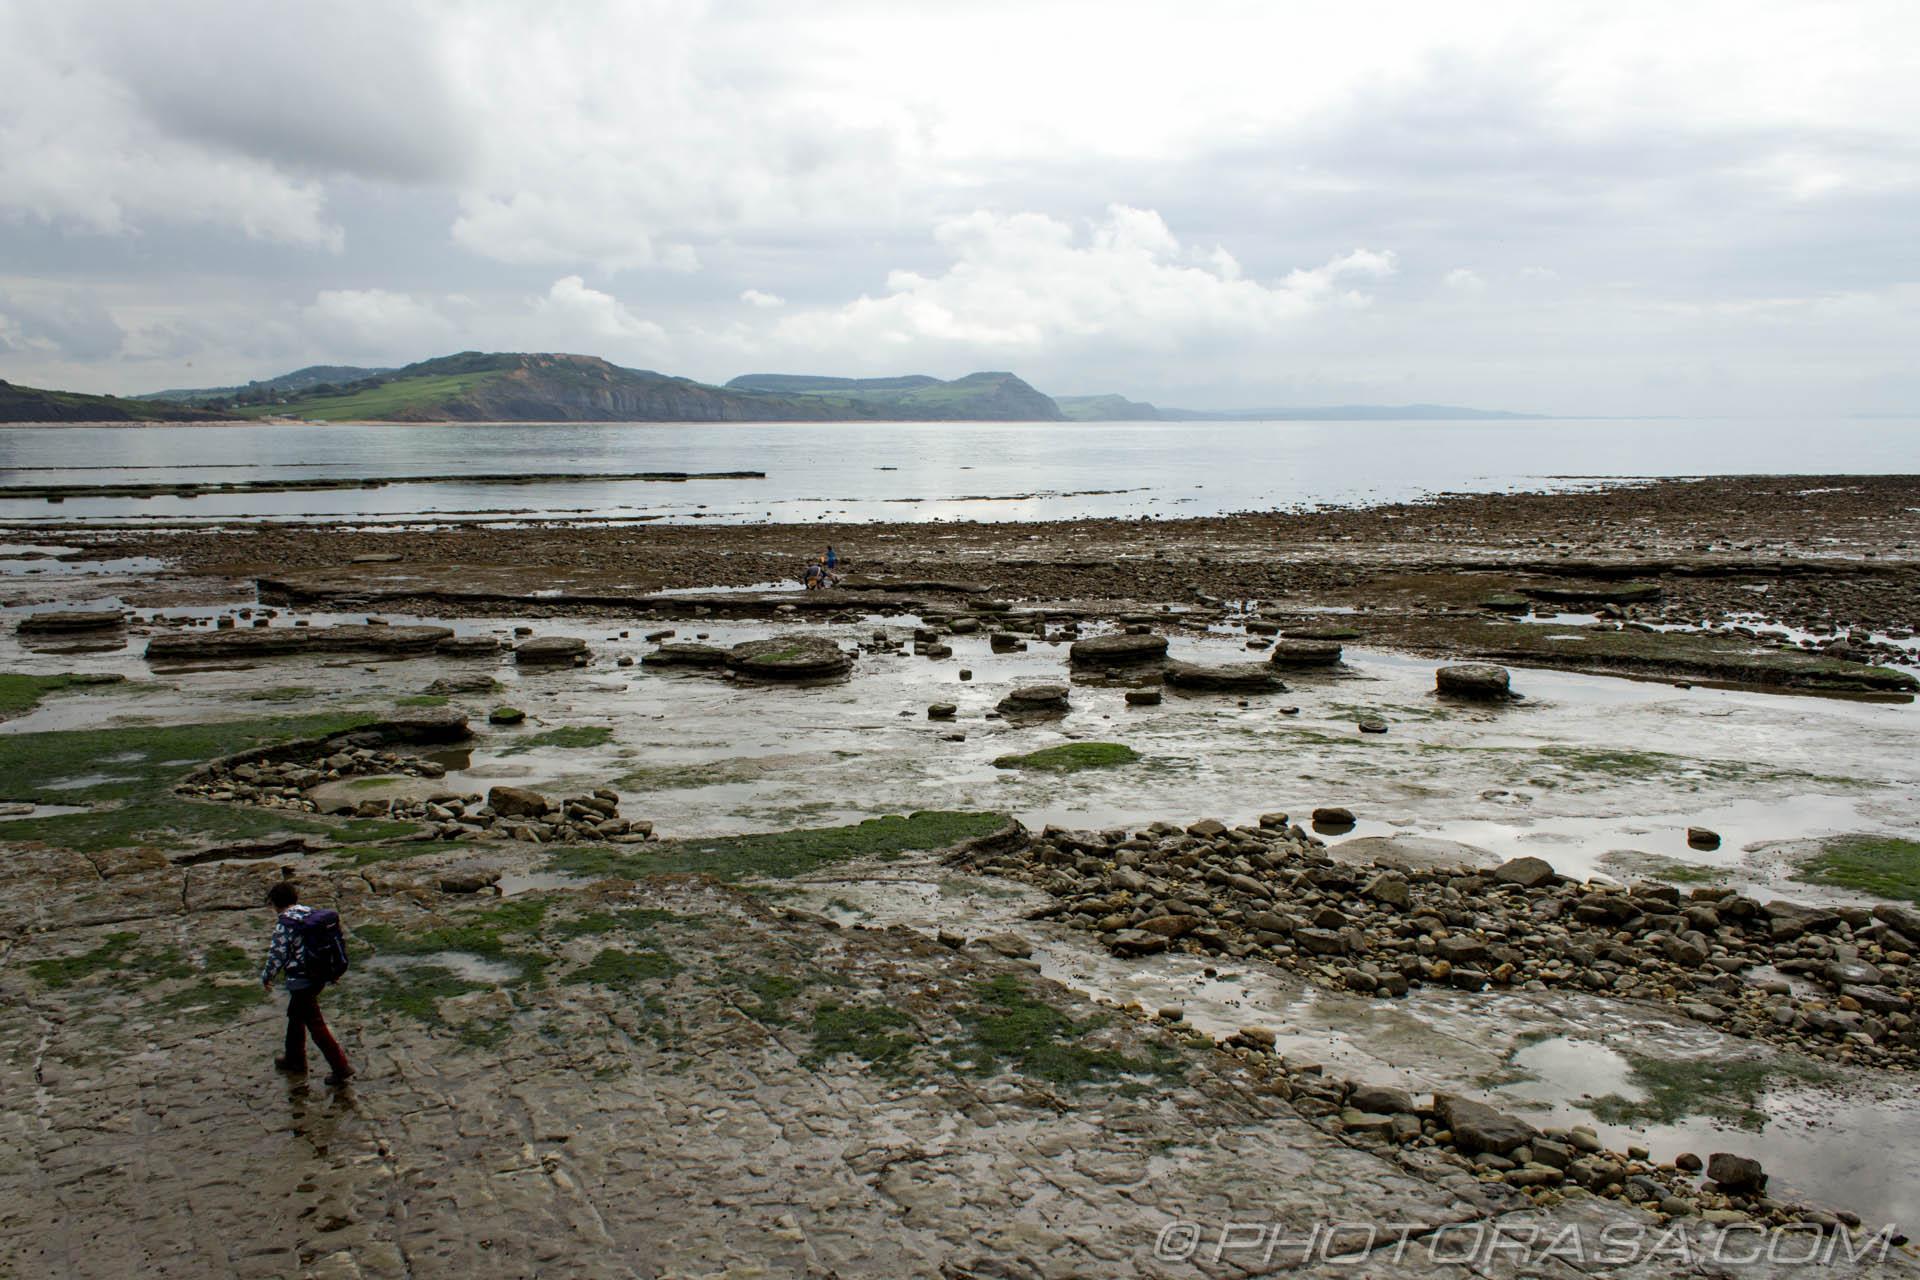 https://photorasa.com/jurassic-coast-lyme-regis/broken-rocks-and-jurassic-cliffs/